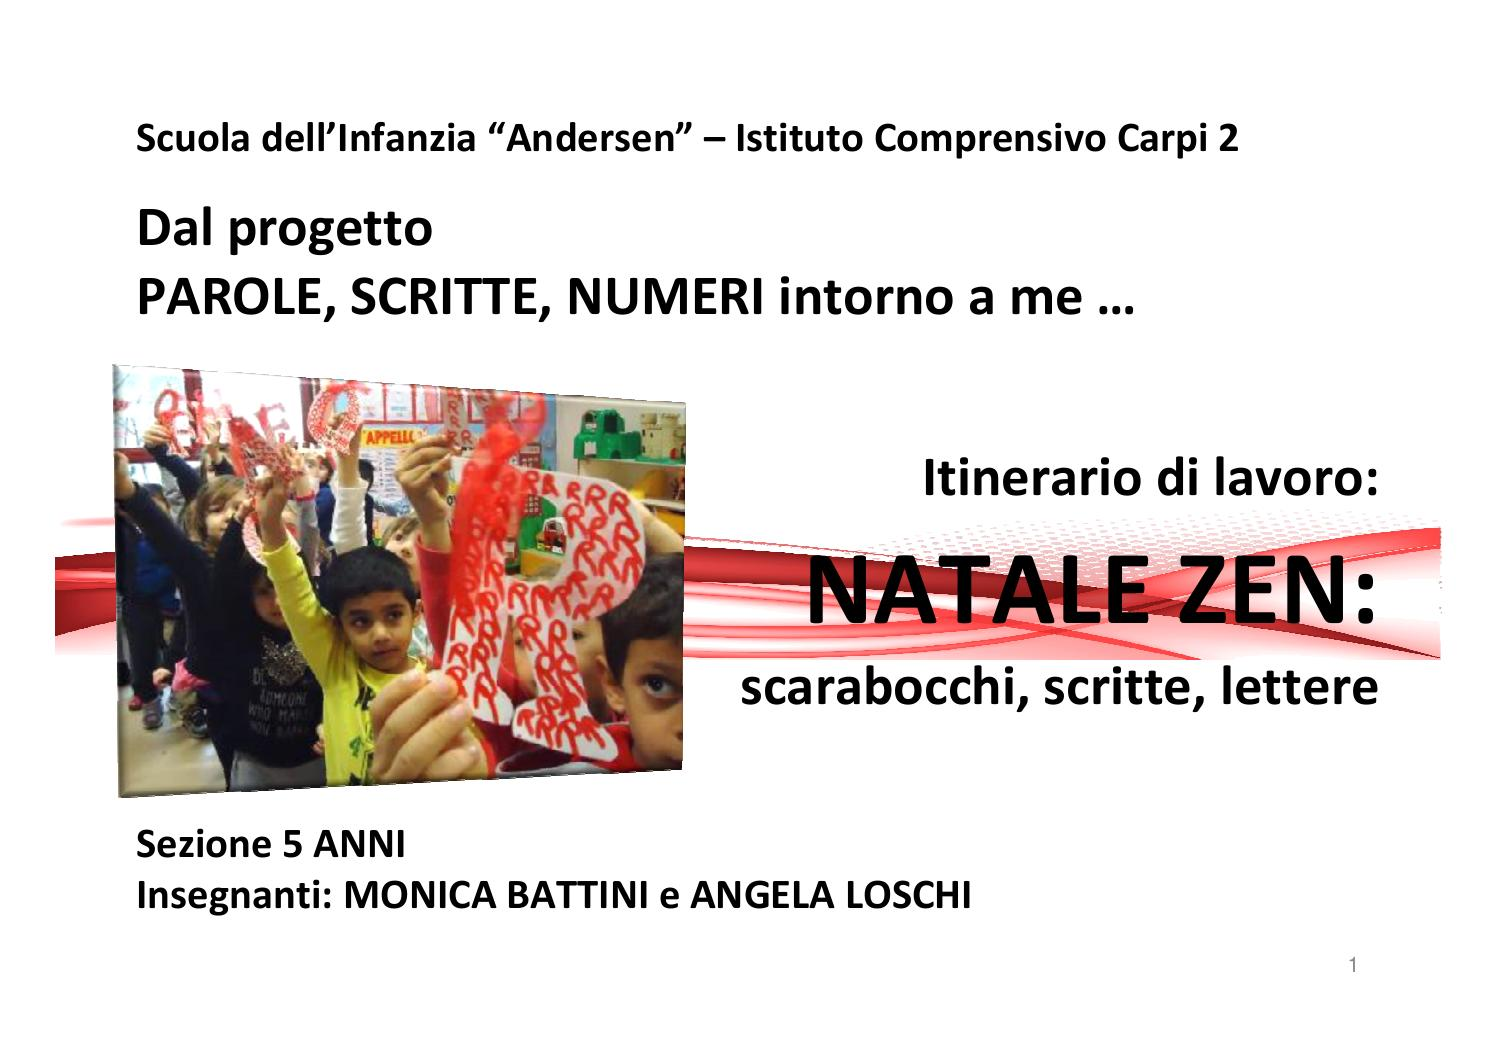 Immagini Natale Zen.03 Natale Zen By Monica Battini Issuu